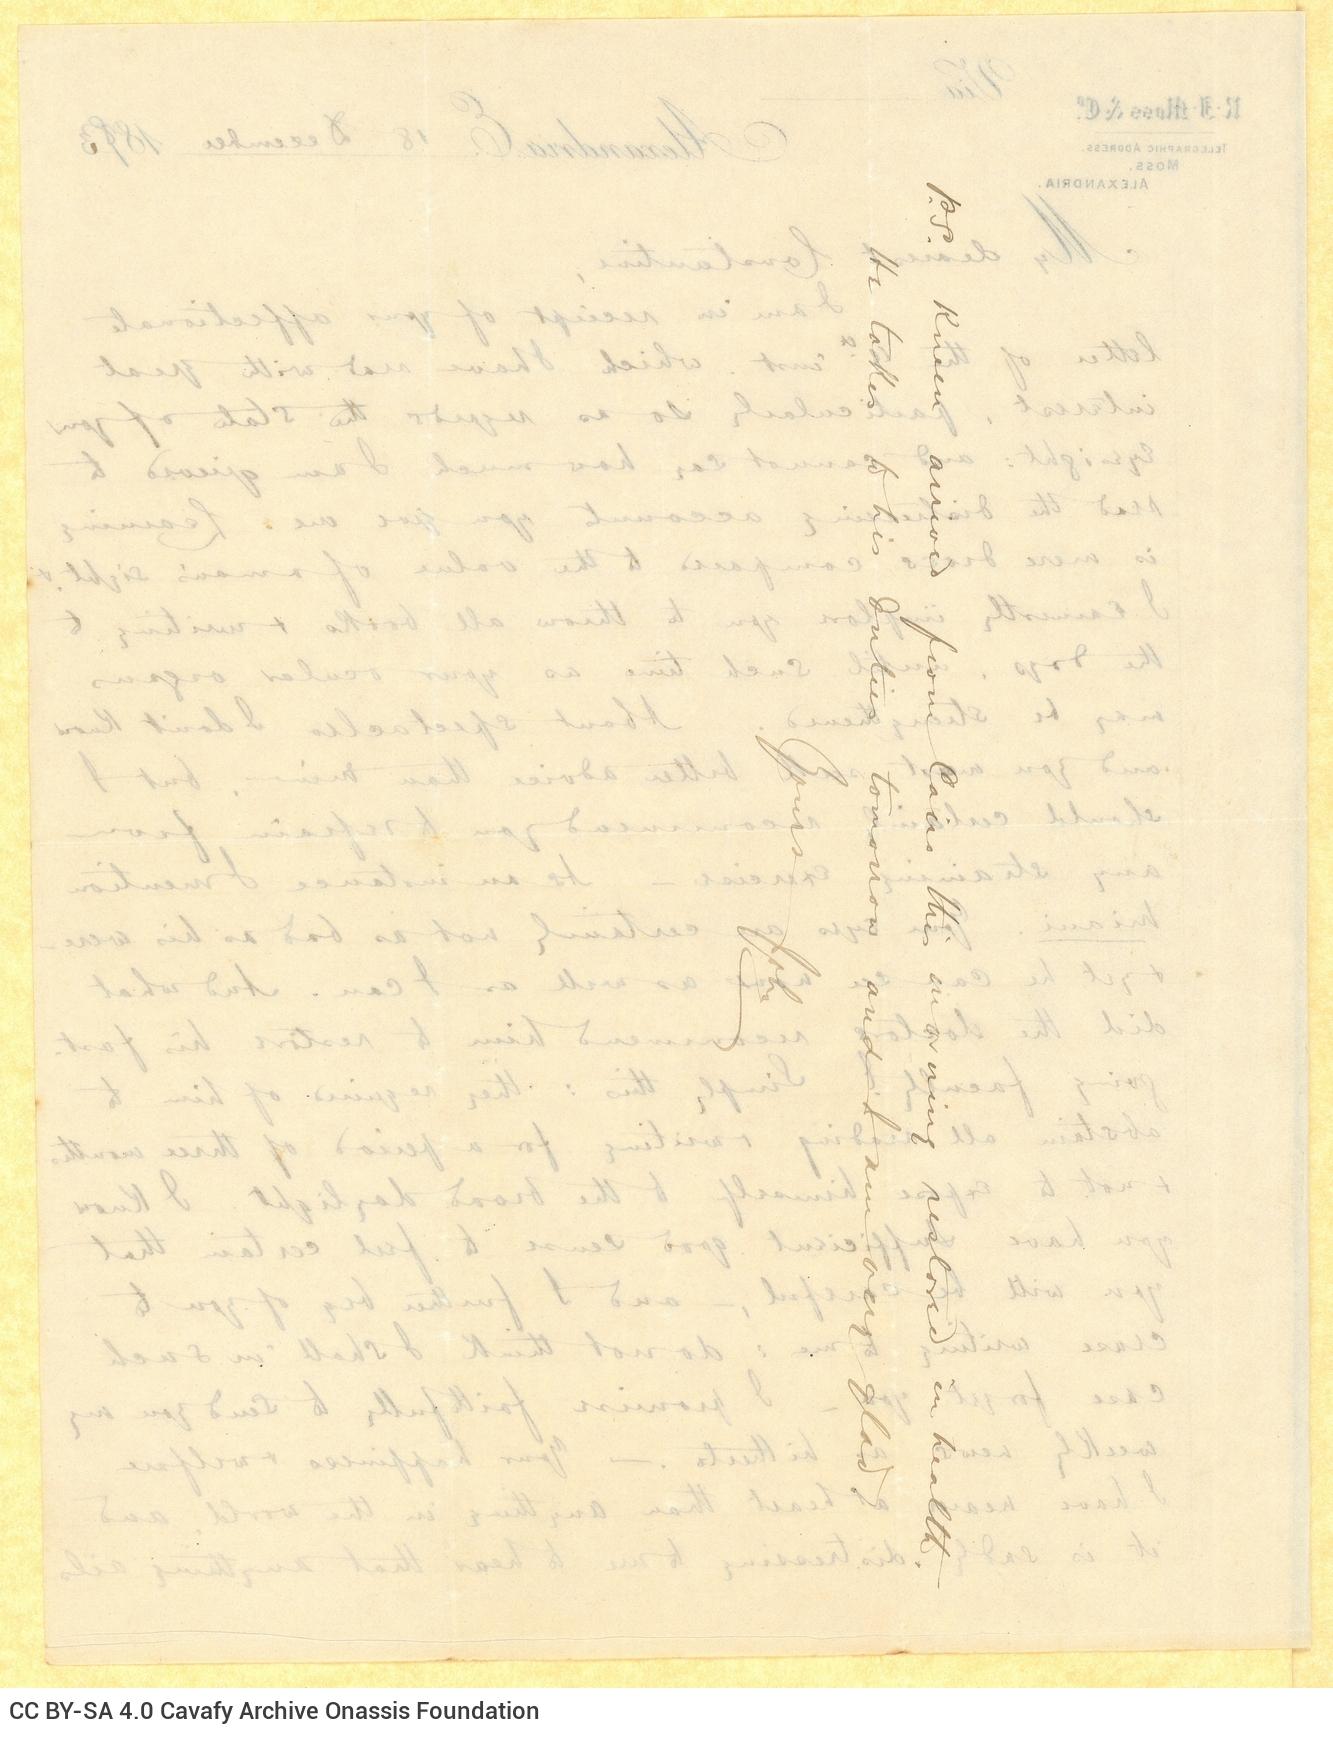 Χειρόγραφη επιστολή του Τζων Καβάφη προς τον Κ. Π. Καβάφη στις τρεις �